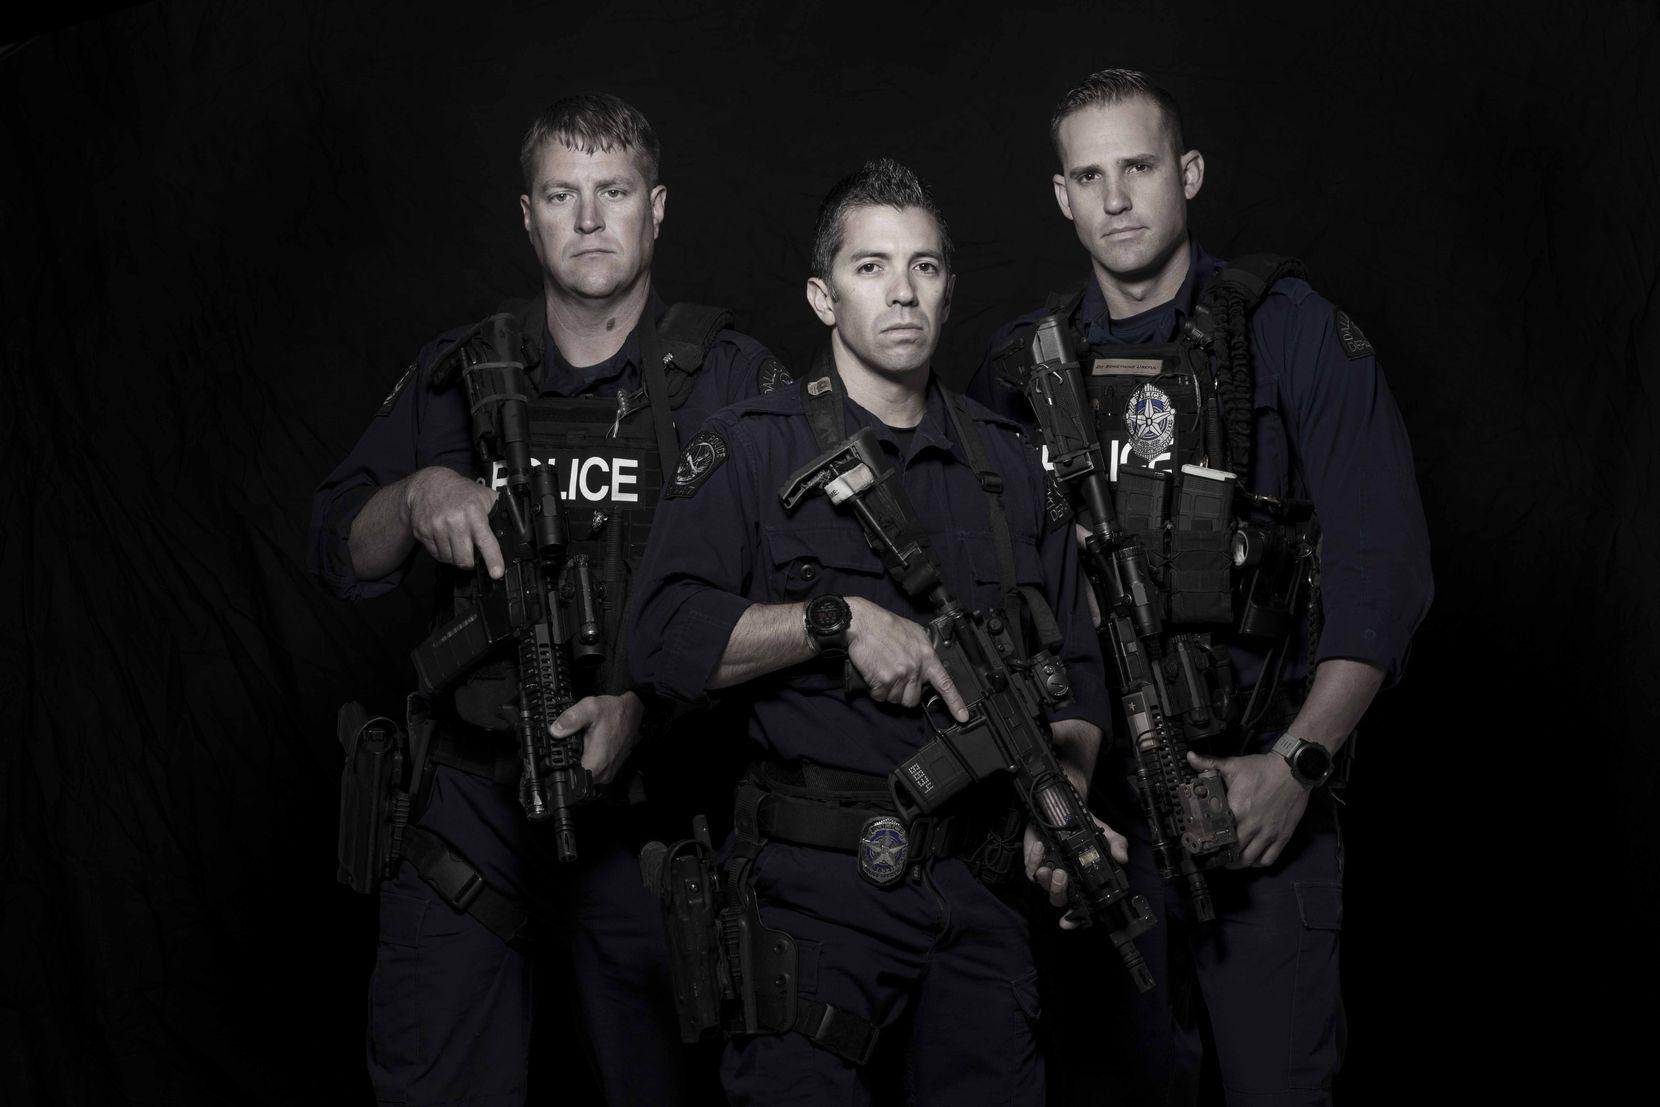 Ryan Scott, Danny Canete y Brandon Berie, conocidos en SWAT como los Tres Amigos. SMILEY N. POOL/DMN